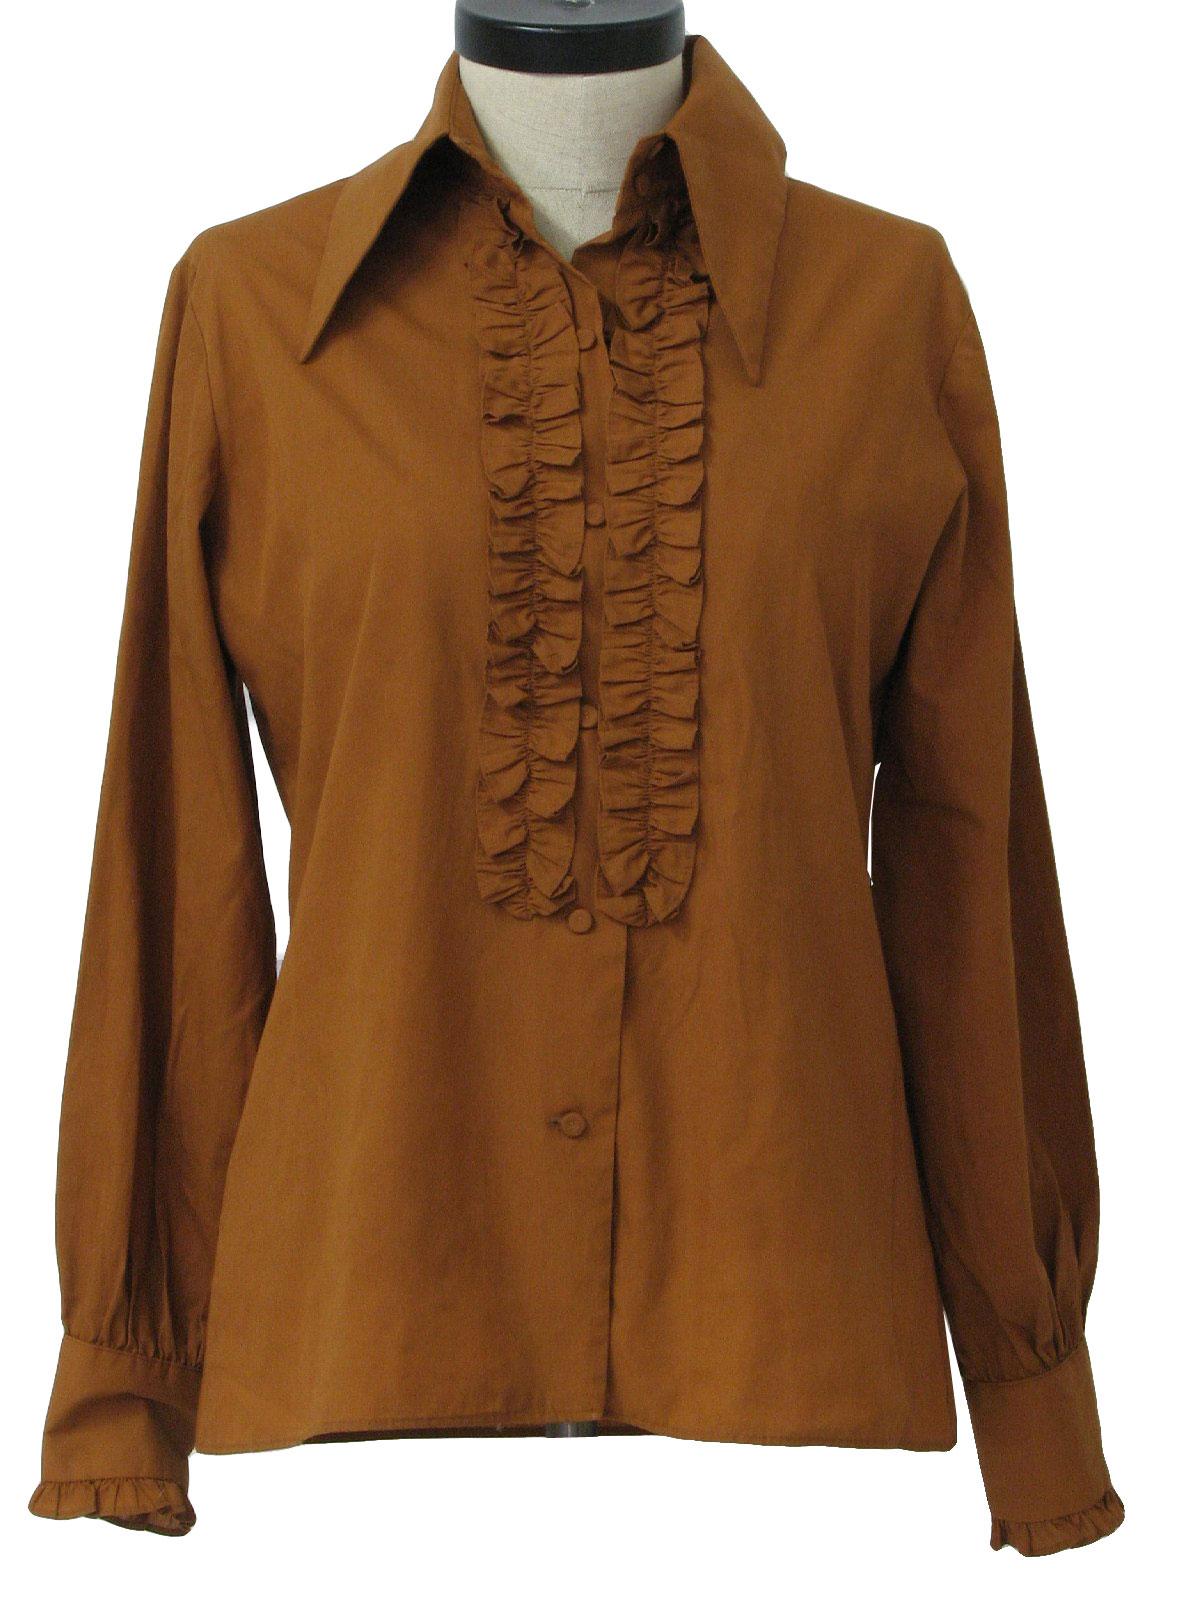 Old Salem 70 S Vintage Shirt 70s Old Salem Womens Brown